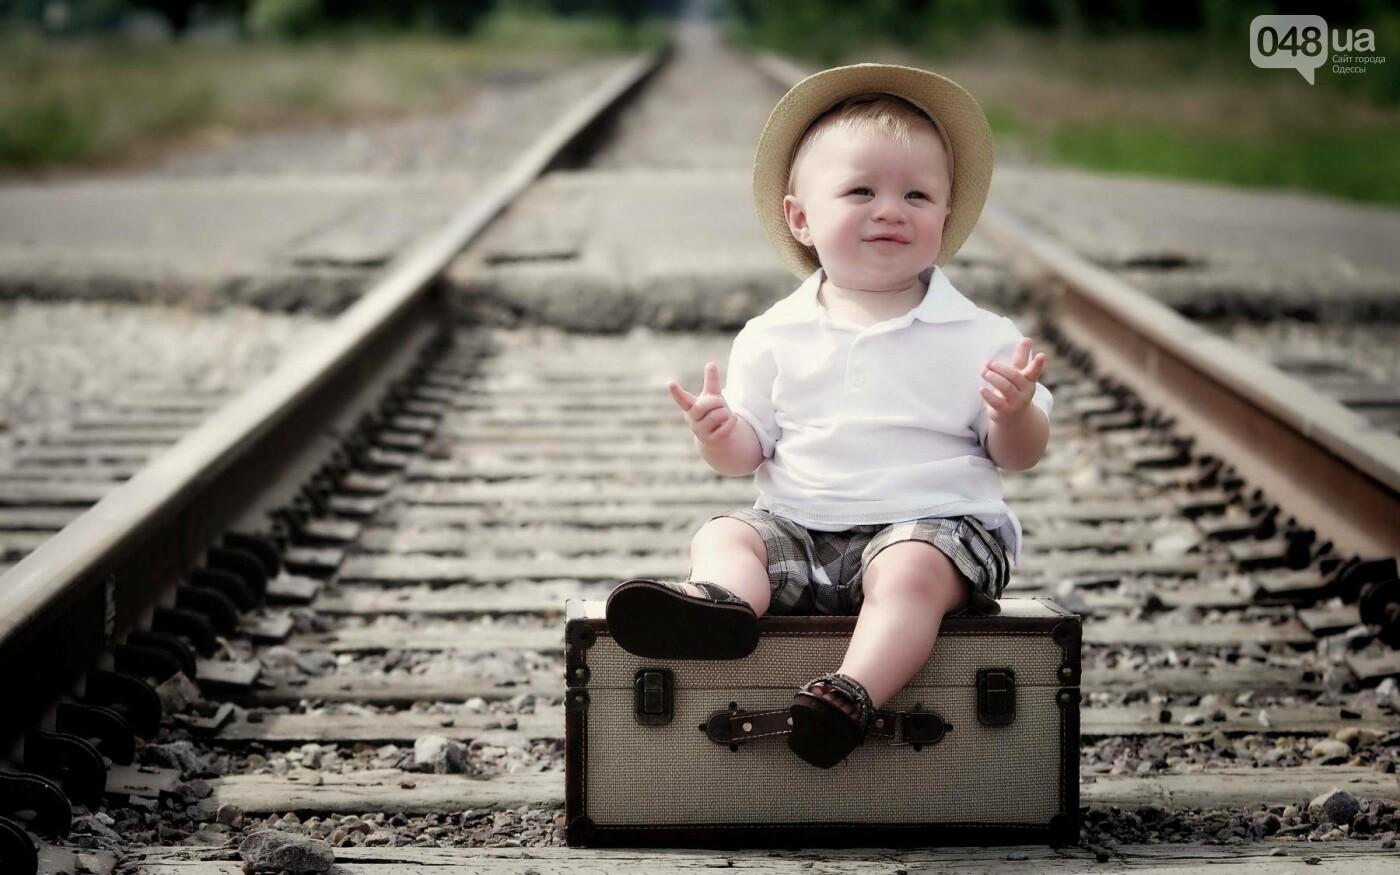 В Одесской области 4-летнего малыша нашли около железнодорожных путей, фото-1